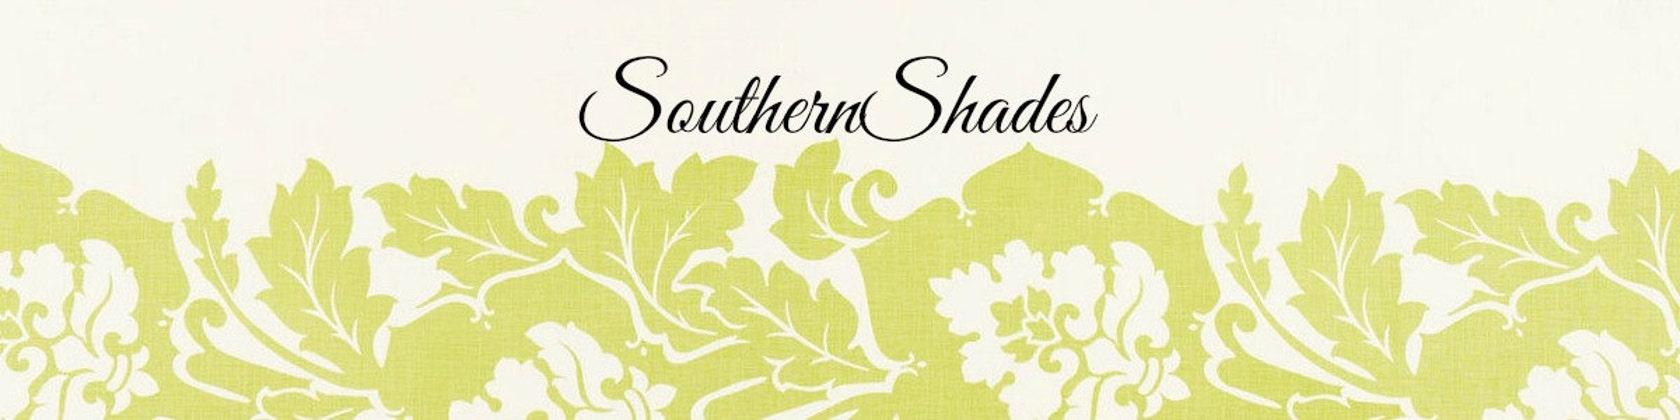 SouthernShades  Etsy